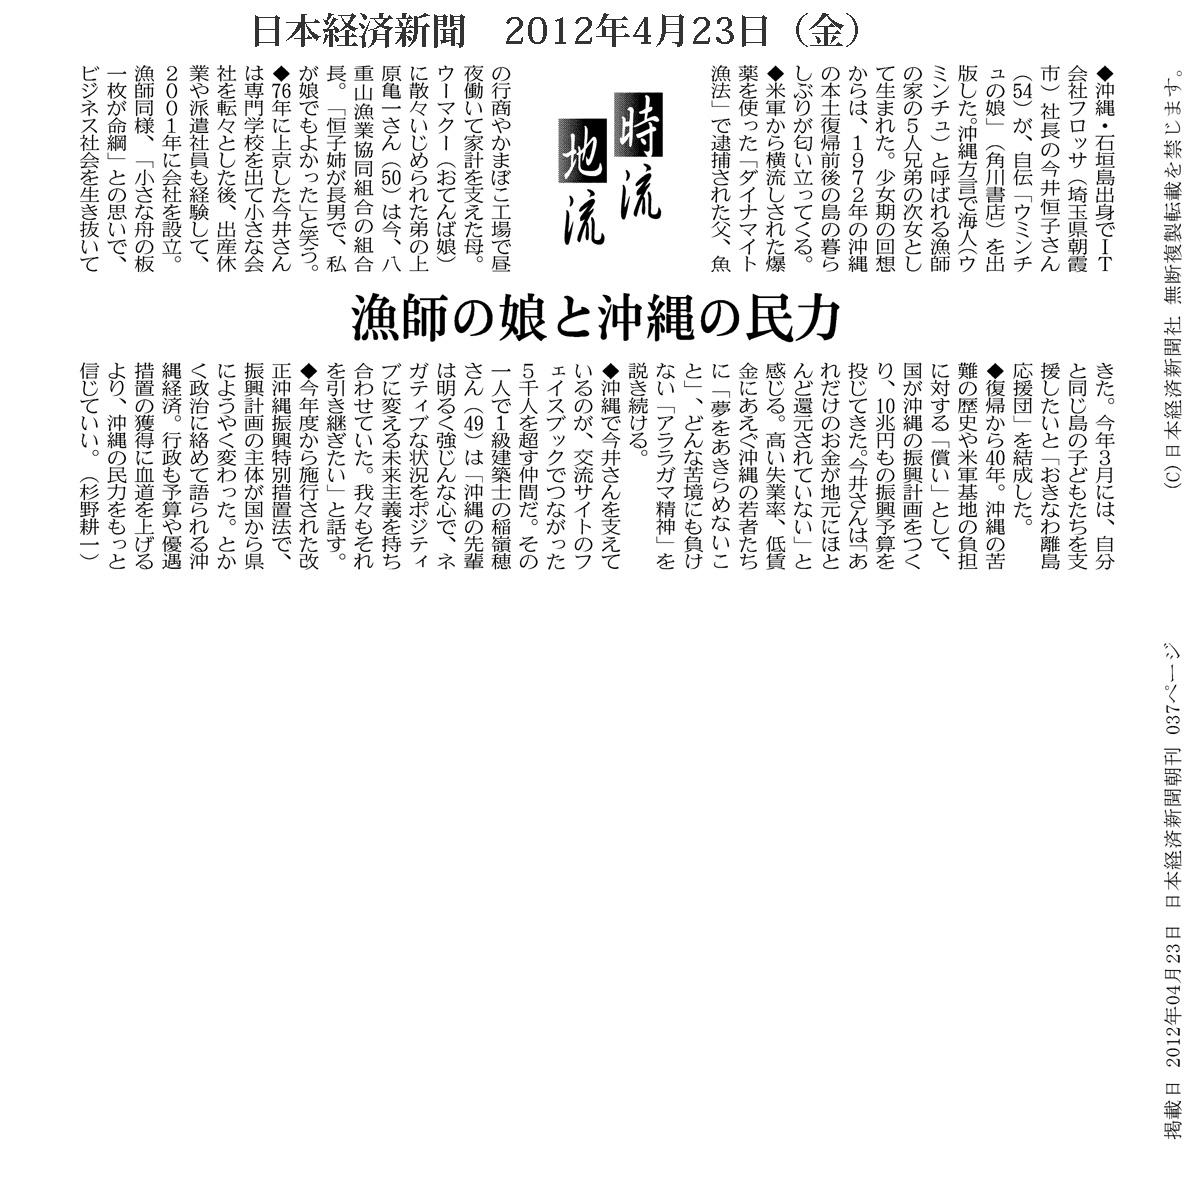 日本経済新聞 2012年4月23日(月)「漁師の娘と沖縄の民力」